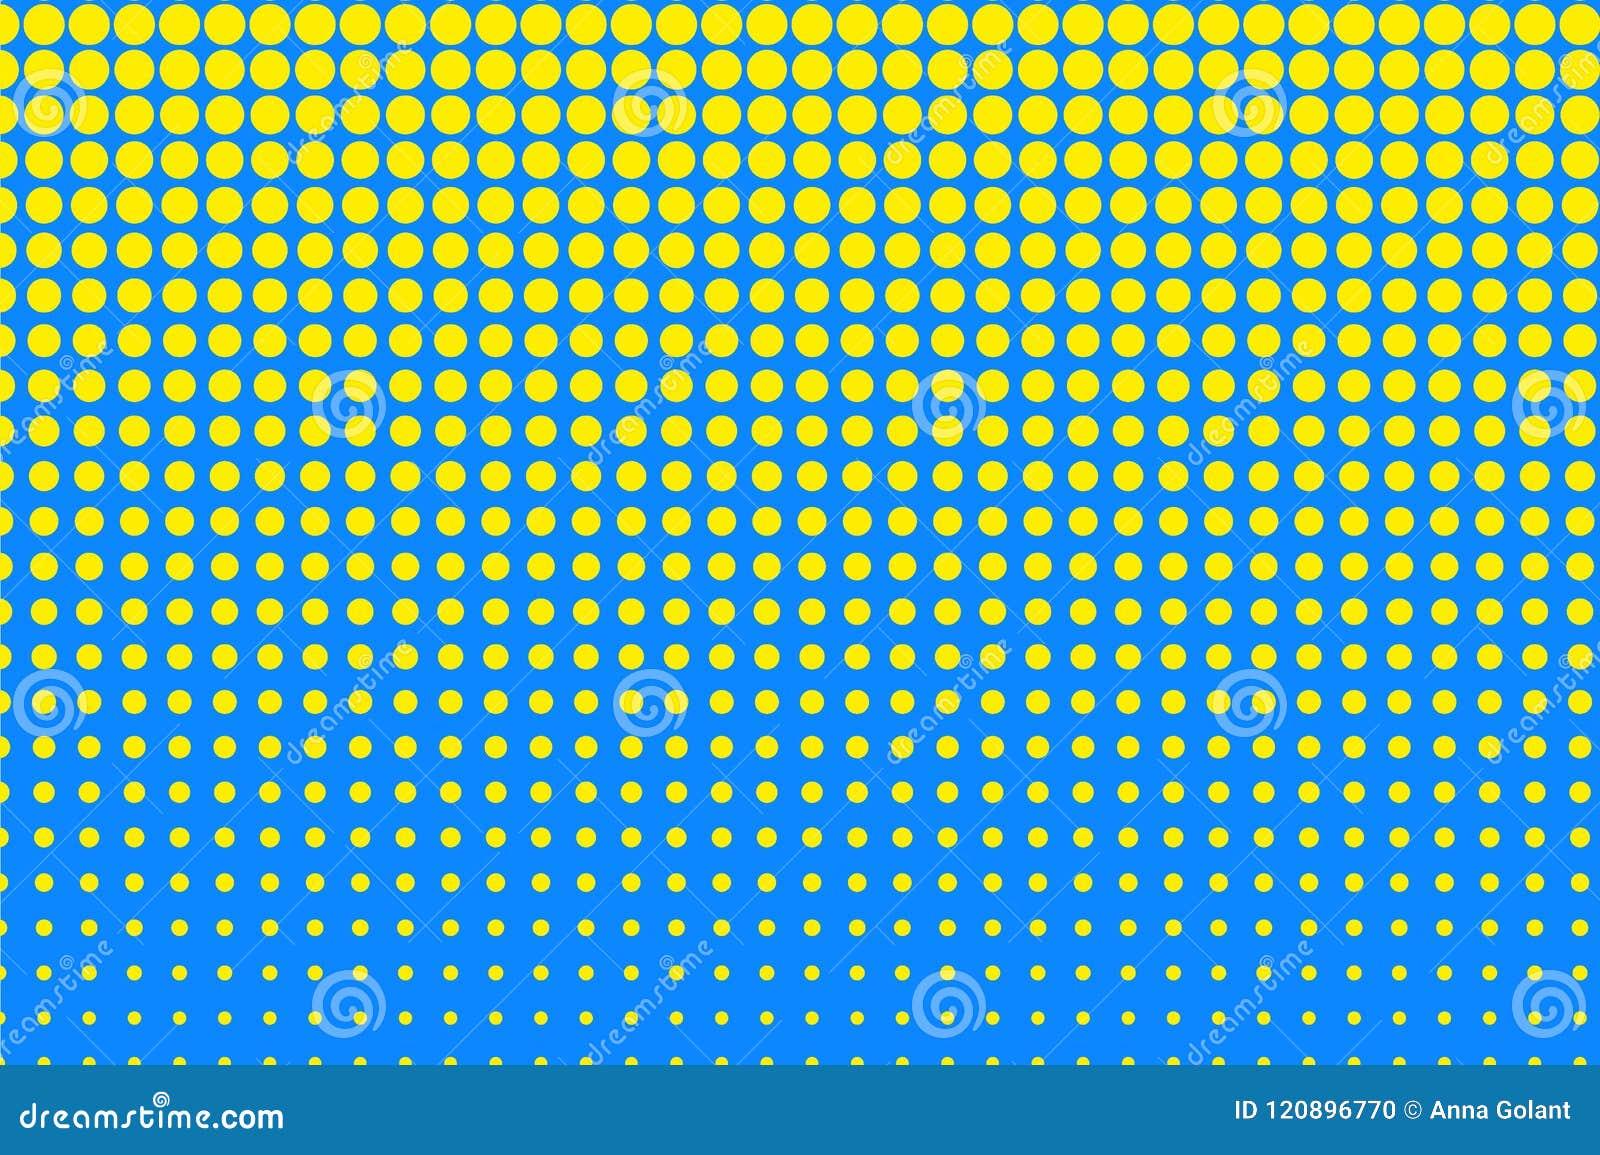 Rastrerad modell för prick Gulingcirklar, punkter på blå bakgrund också vektor för coreldrawillustration